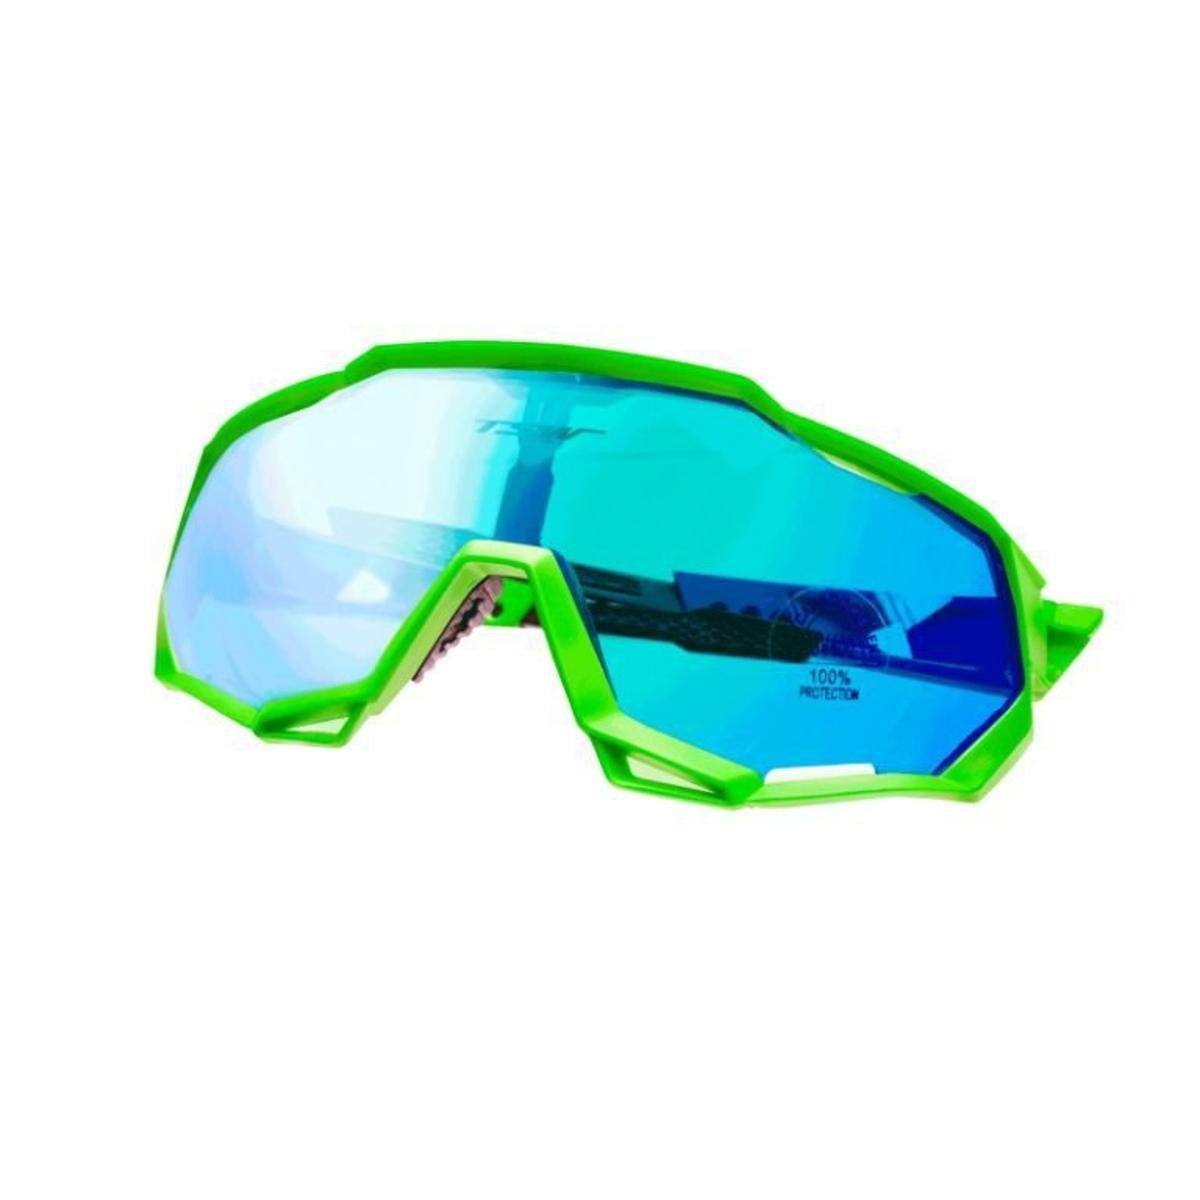 47d26f9223f70 Óculos ciclismo TSW Cross - Compre Agora